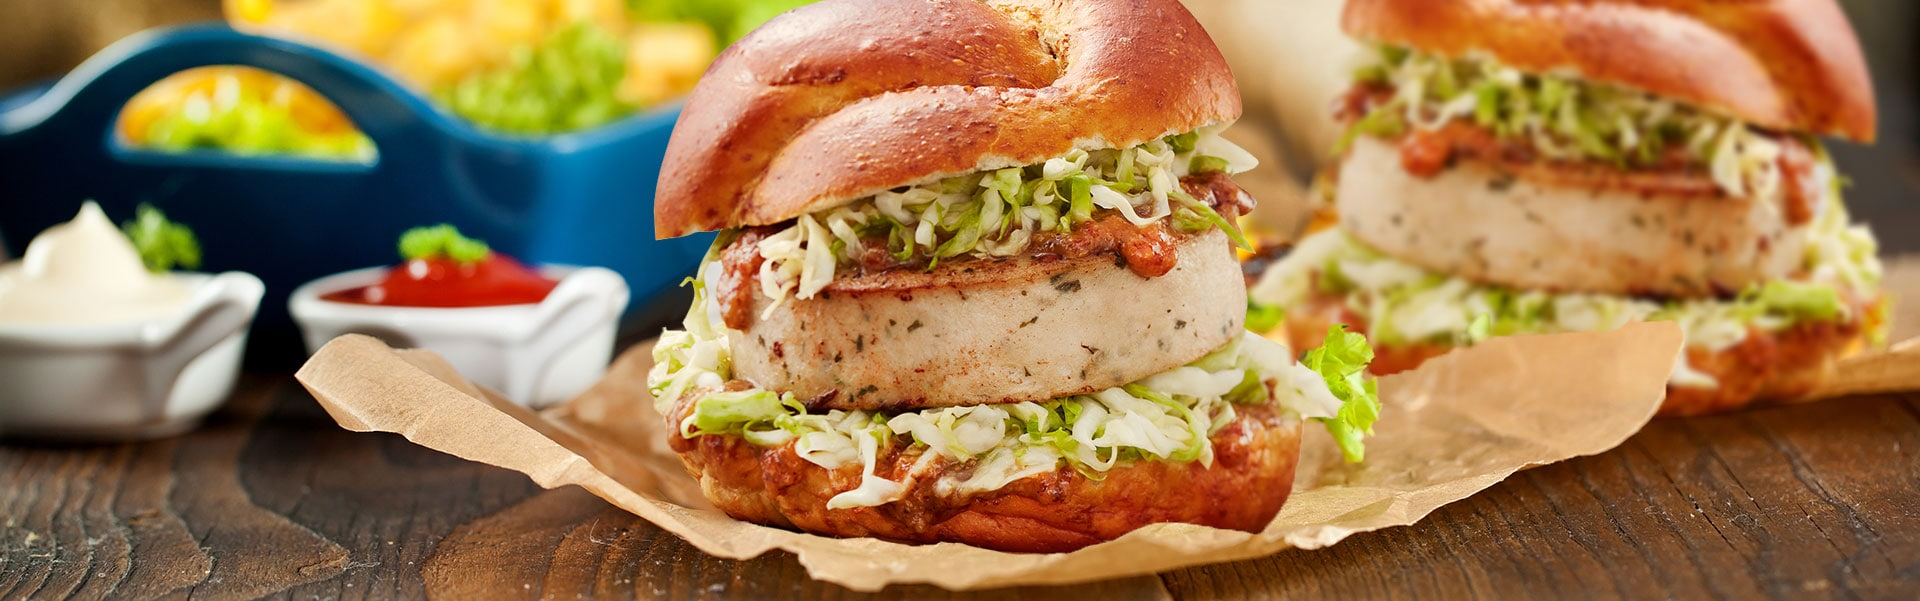 Bavaria Burger